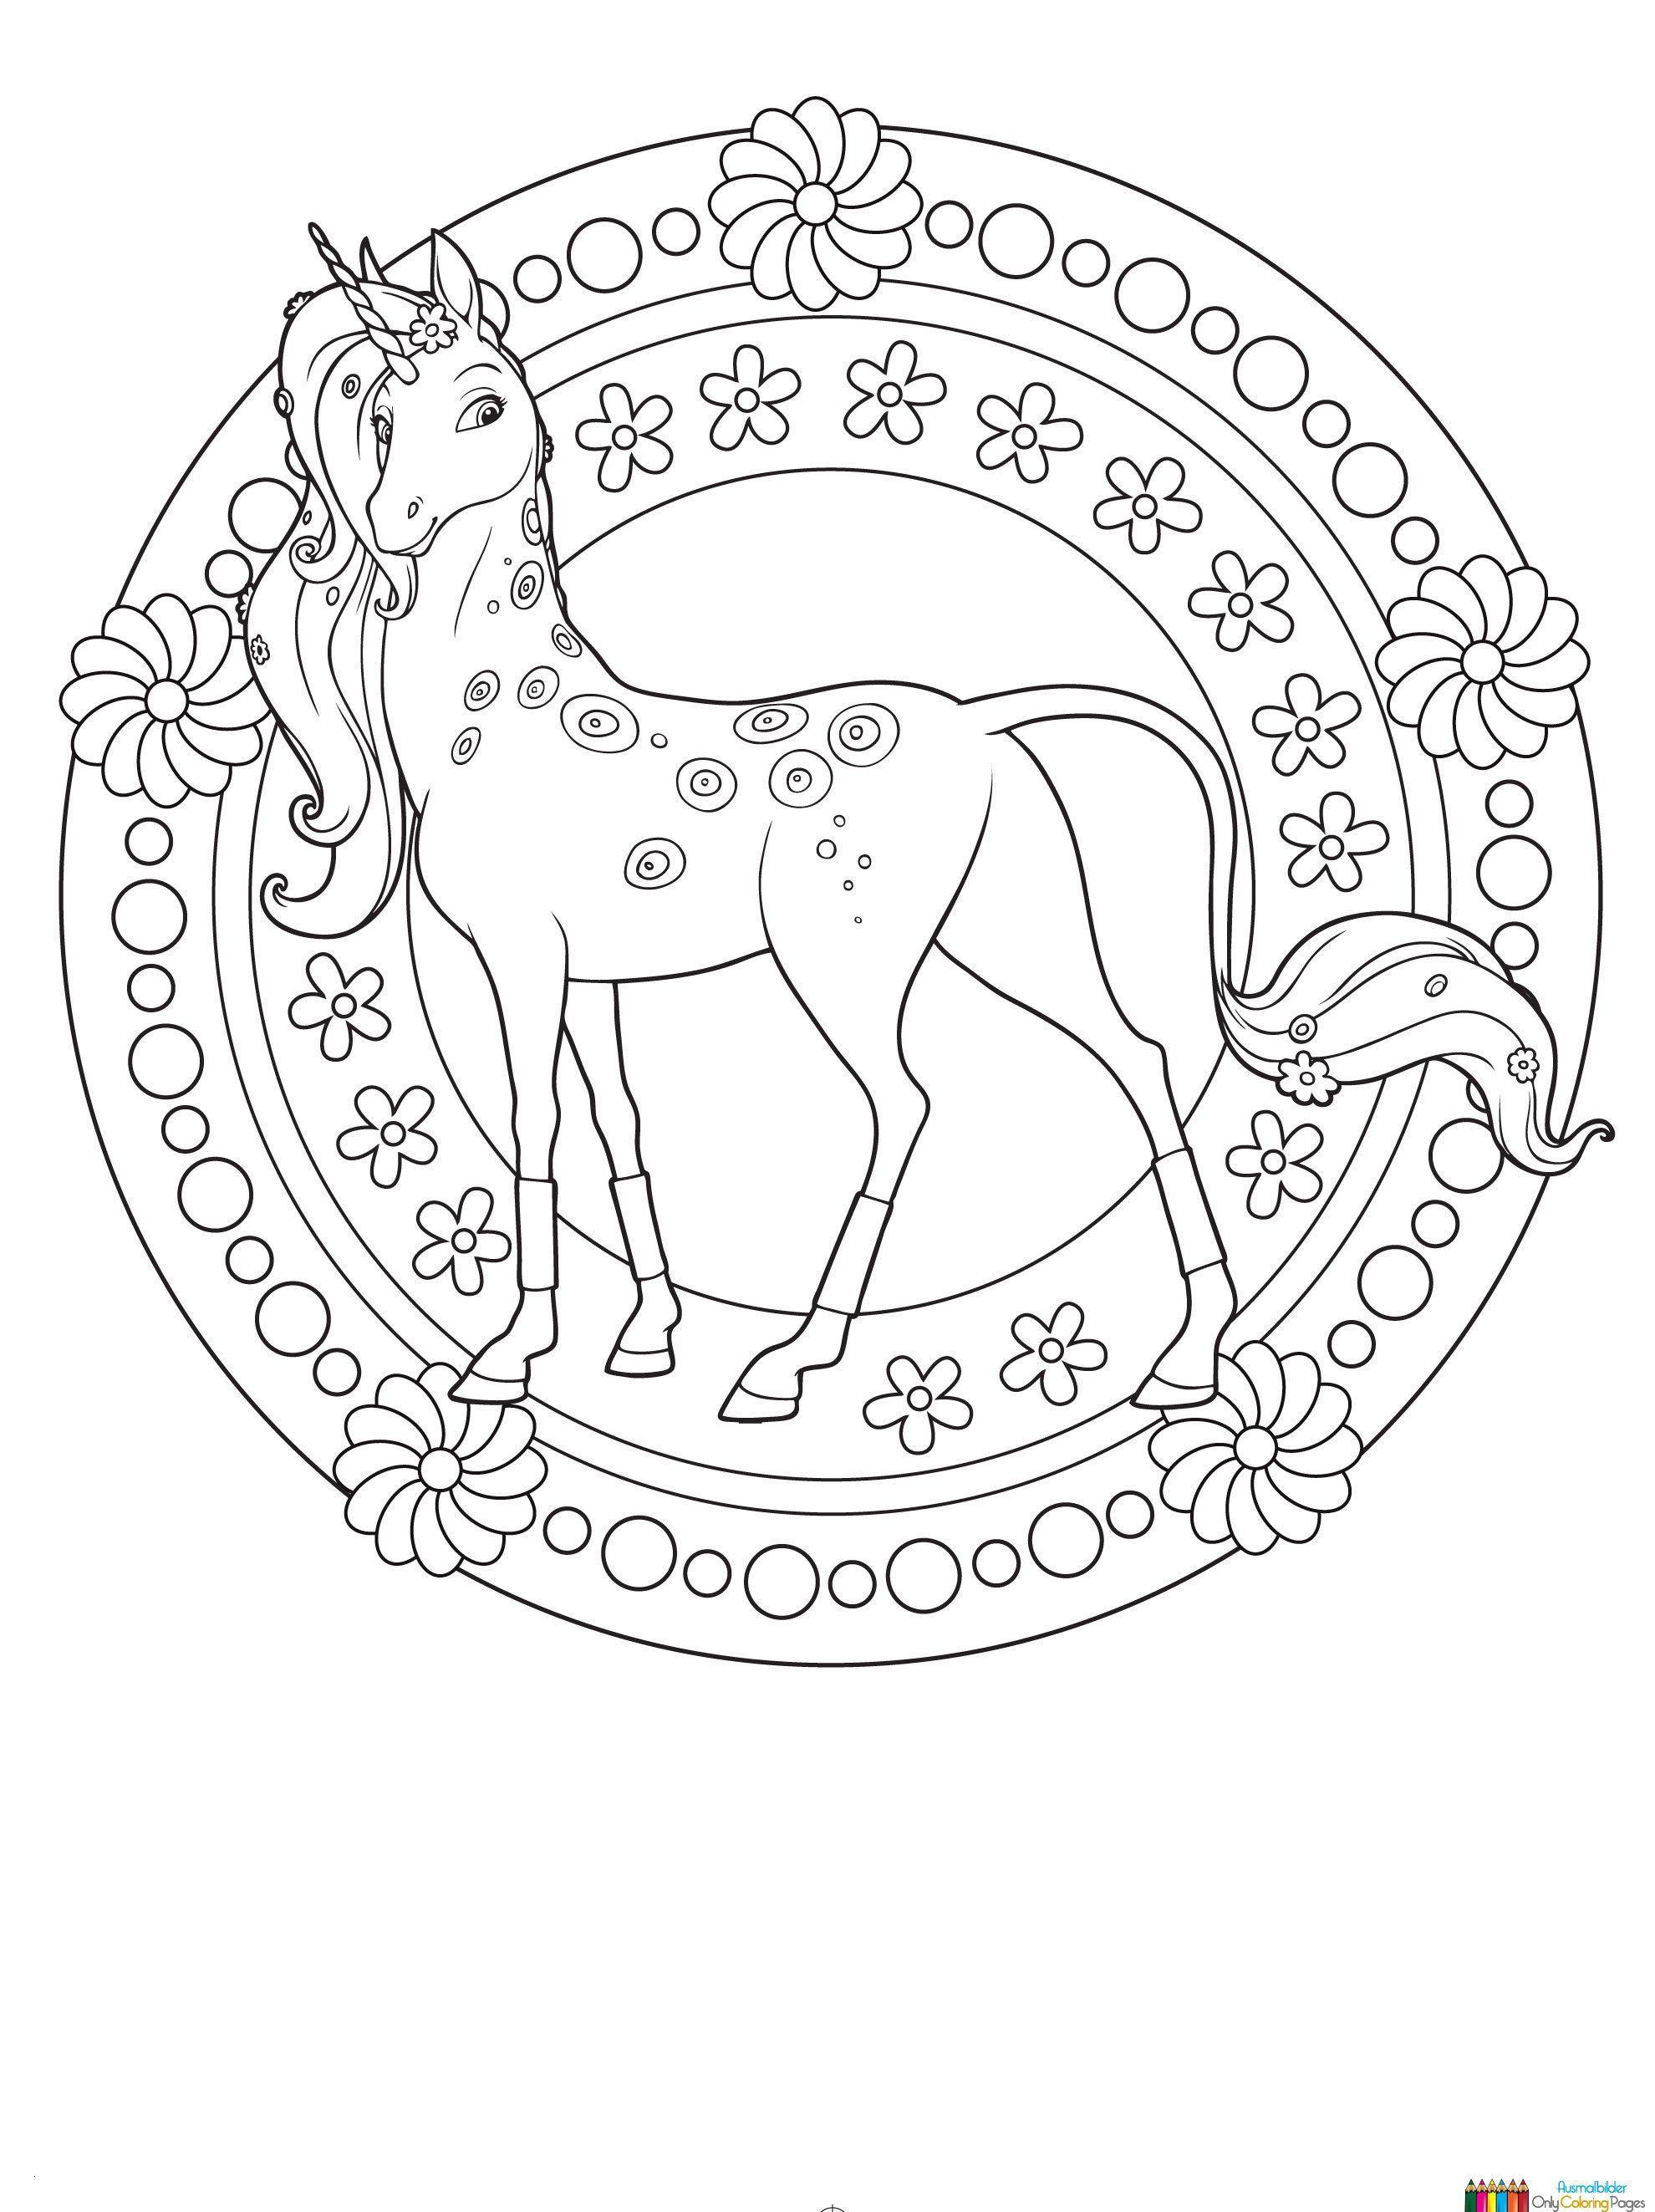 Soy Luna Ausmalbilder Frisch Mickeycarrollmunchkin Page 109 Of 144 Kostenlose Malvorlagen Sammlung